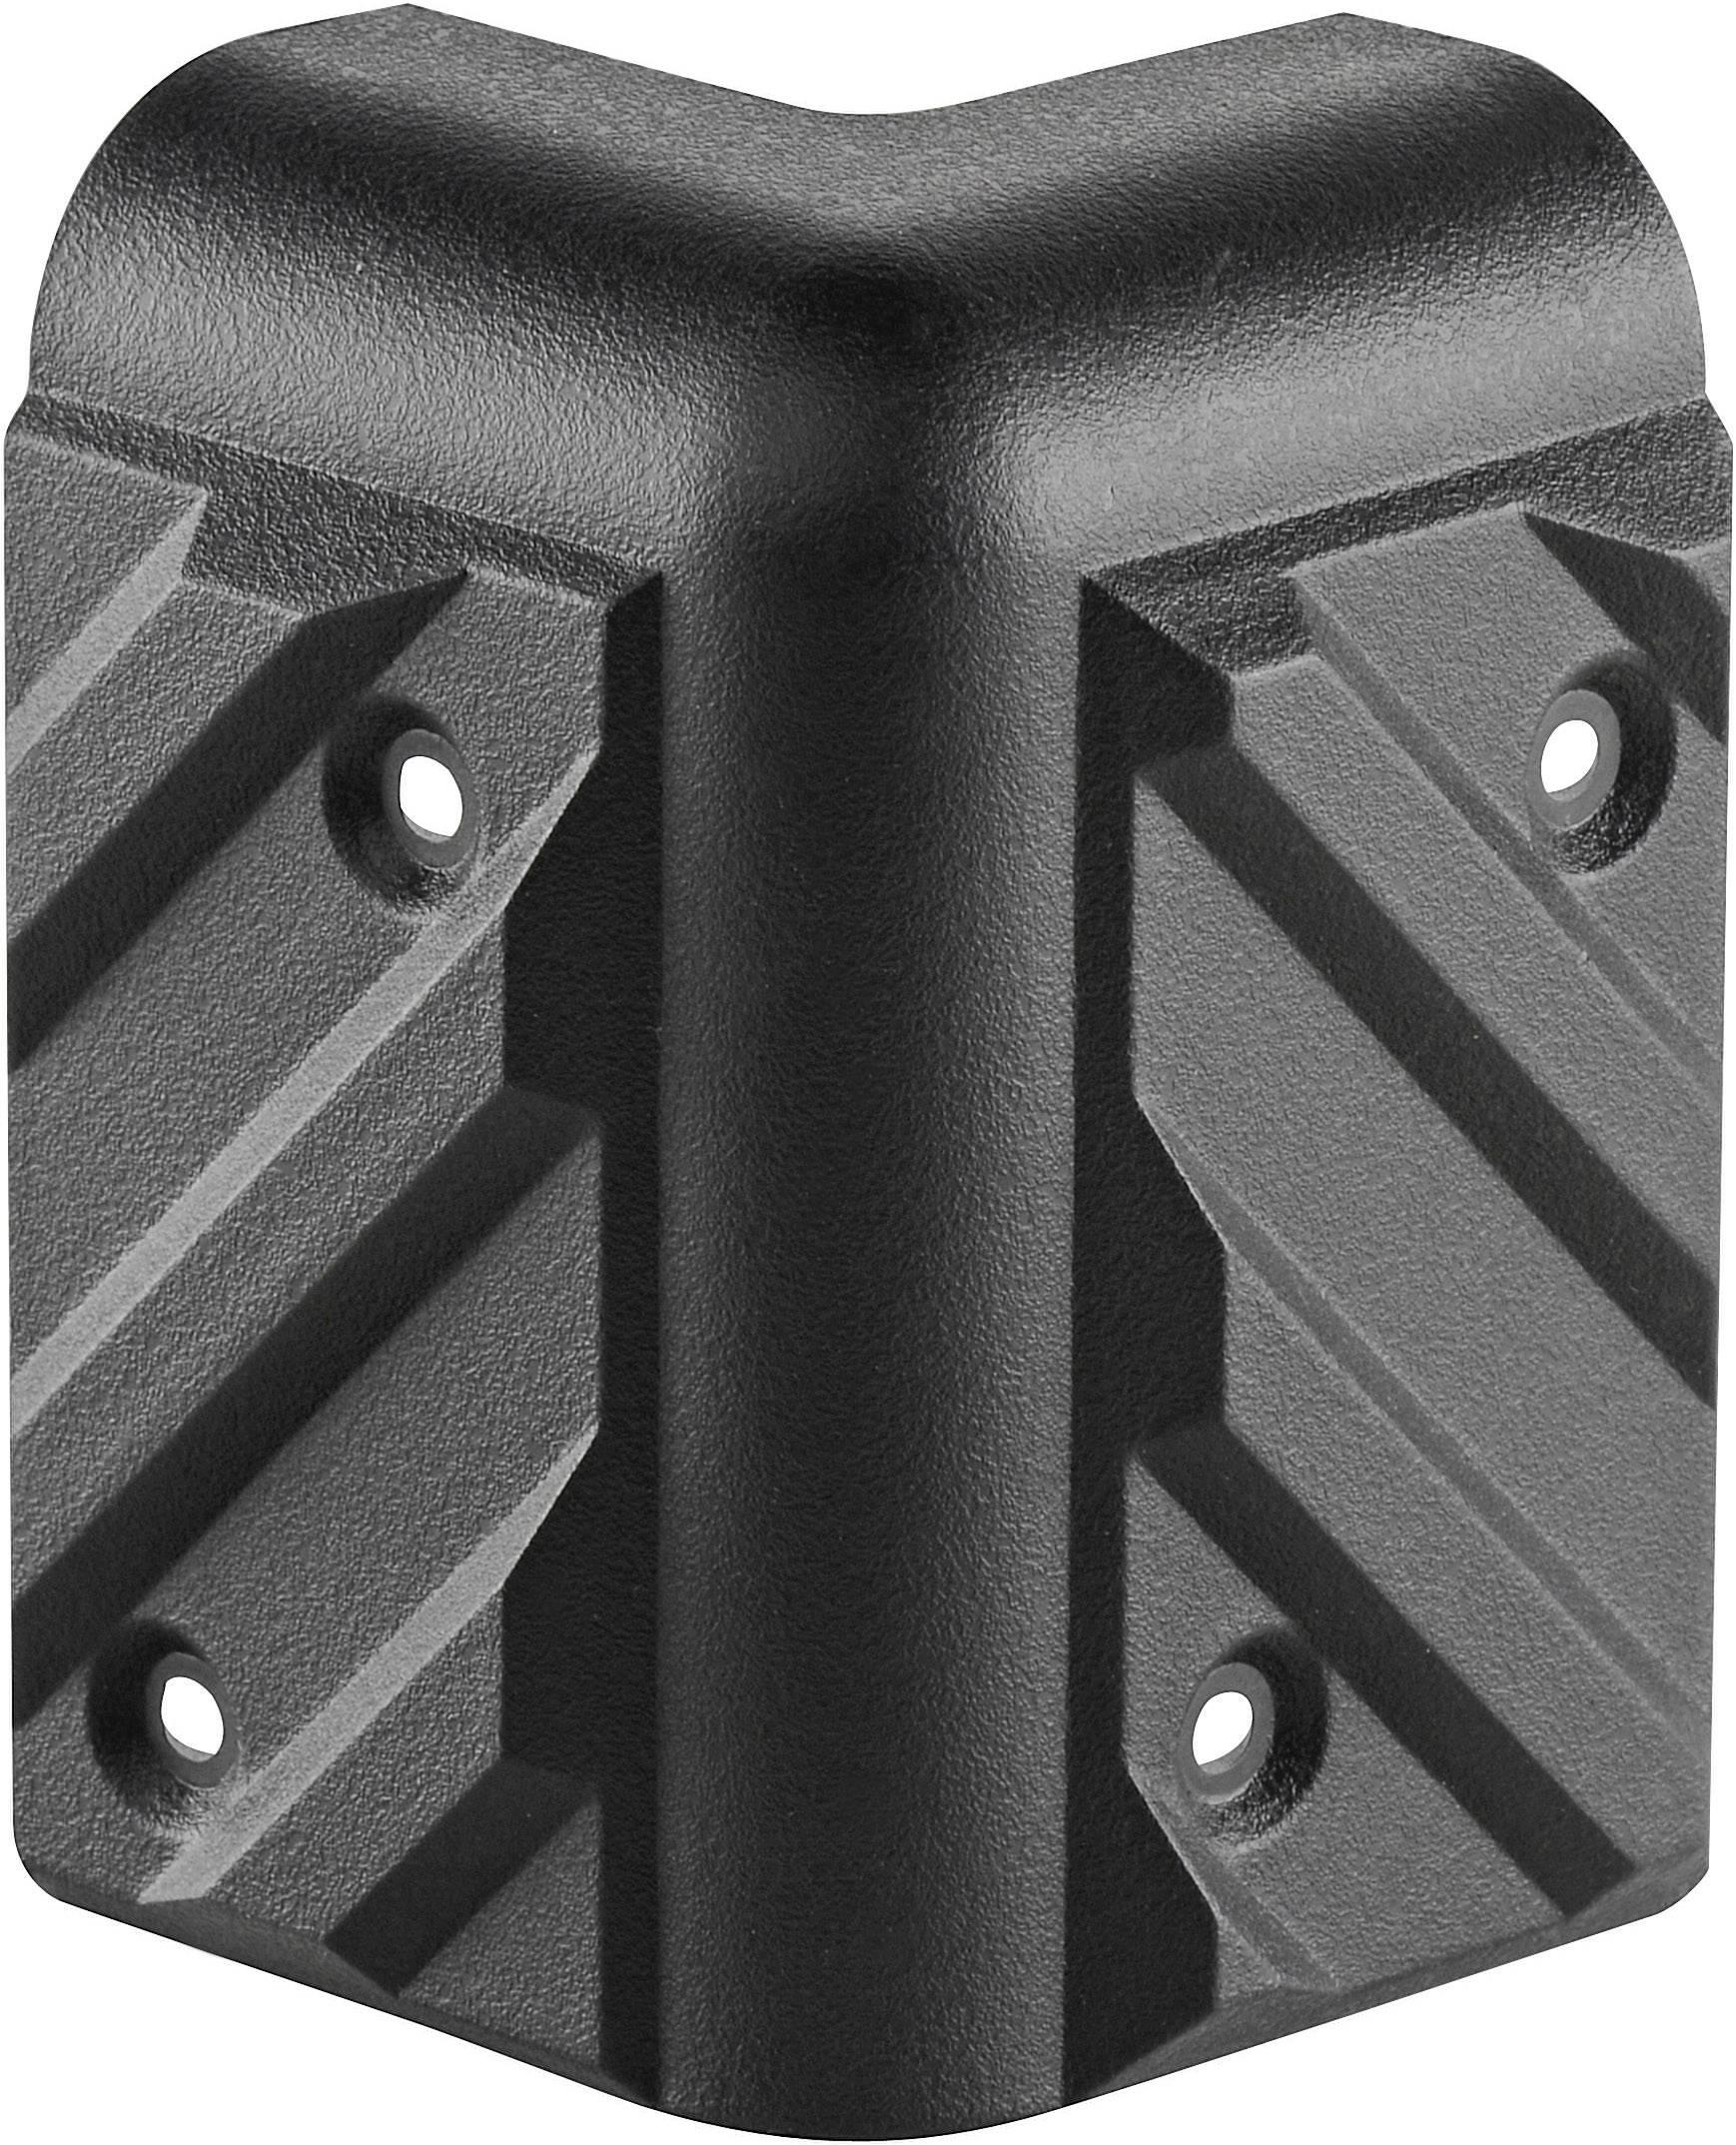 Ochranný roh na reproboxy 8270, (d x š) 80 mm x 47 mm, umelá hmota